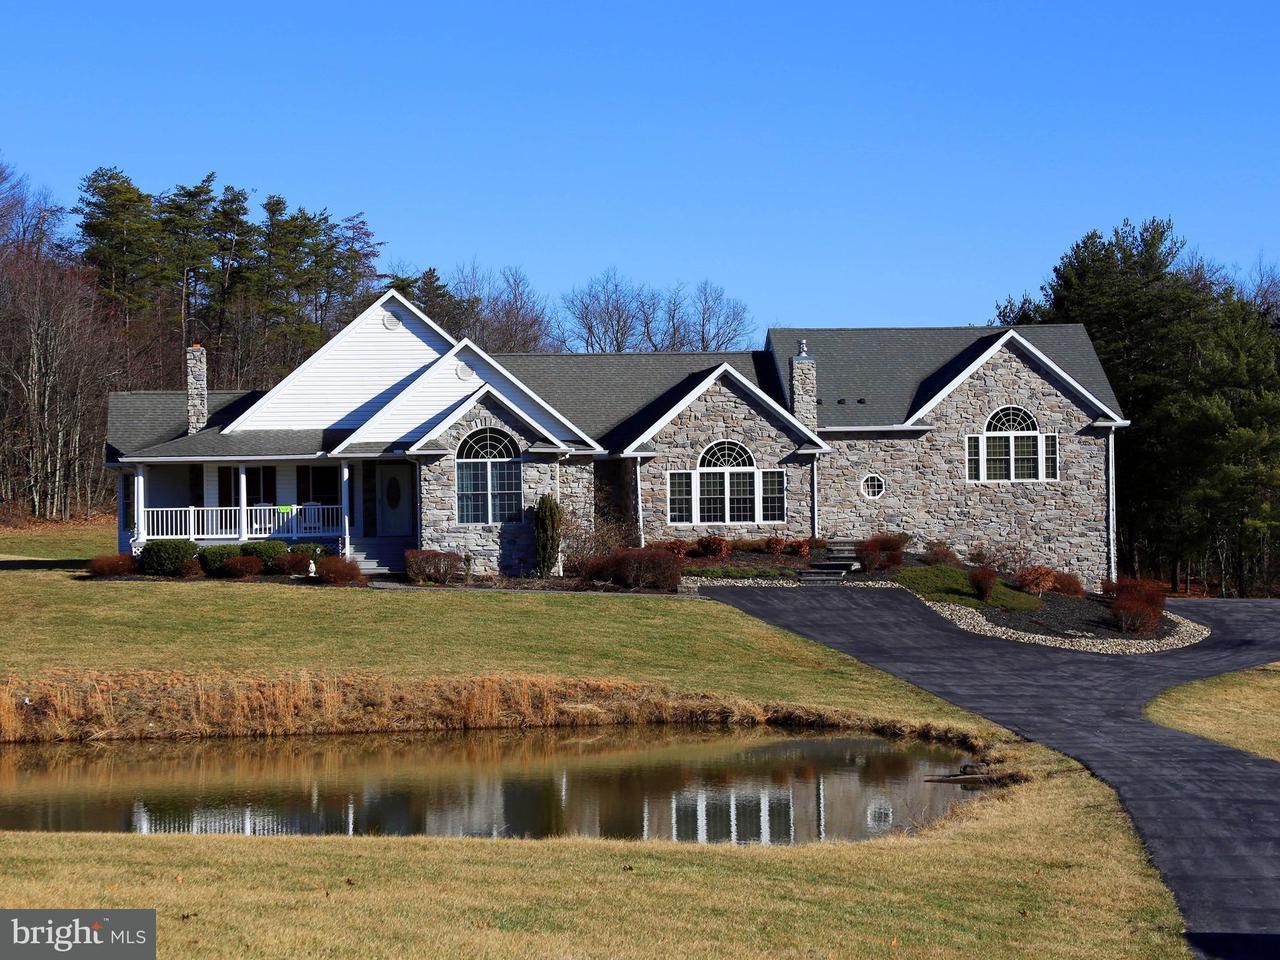 Частный односемейный дом для того Продажа на 11201 Price Rd Ne 11201 Price Rd Ne Little Orleans, Мэриленд 21766 Соединенные Штаты